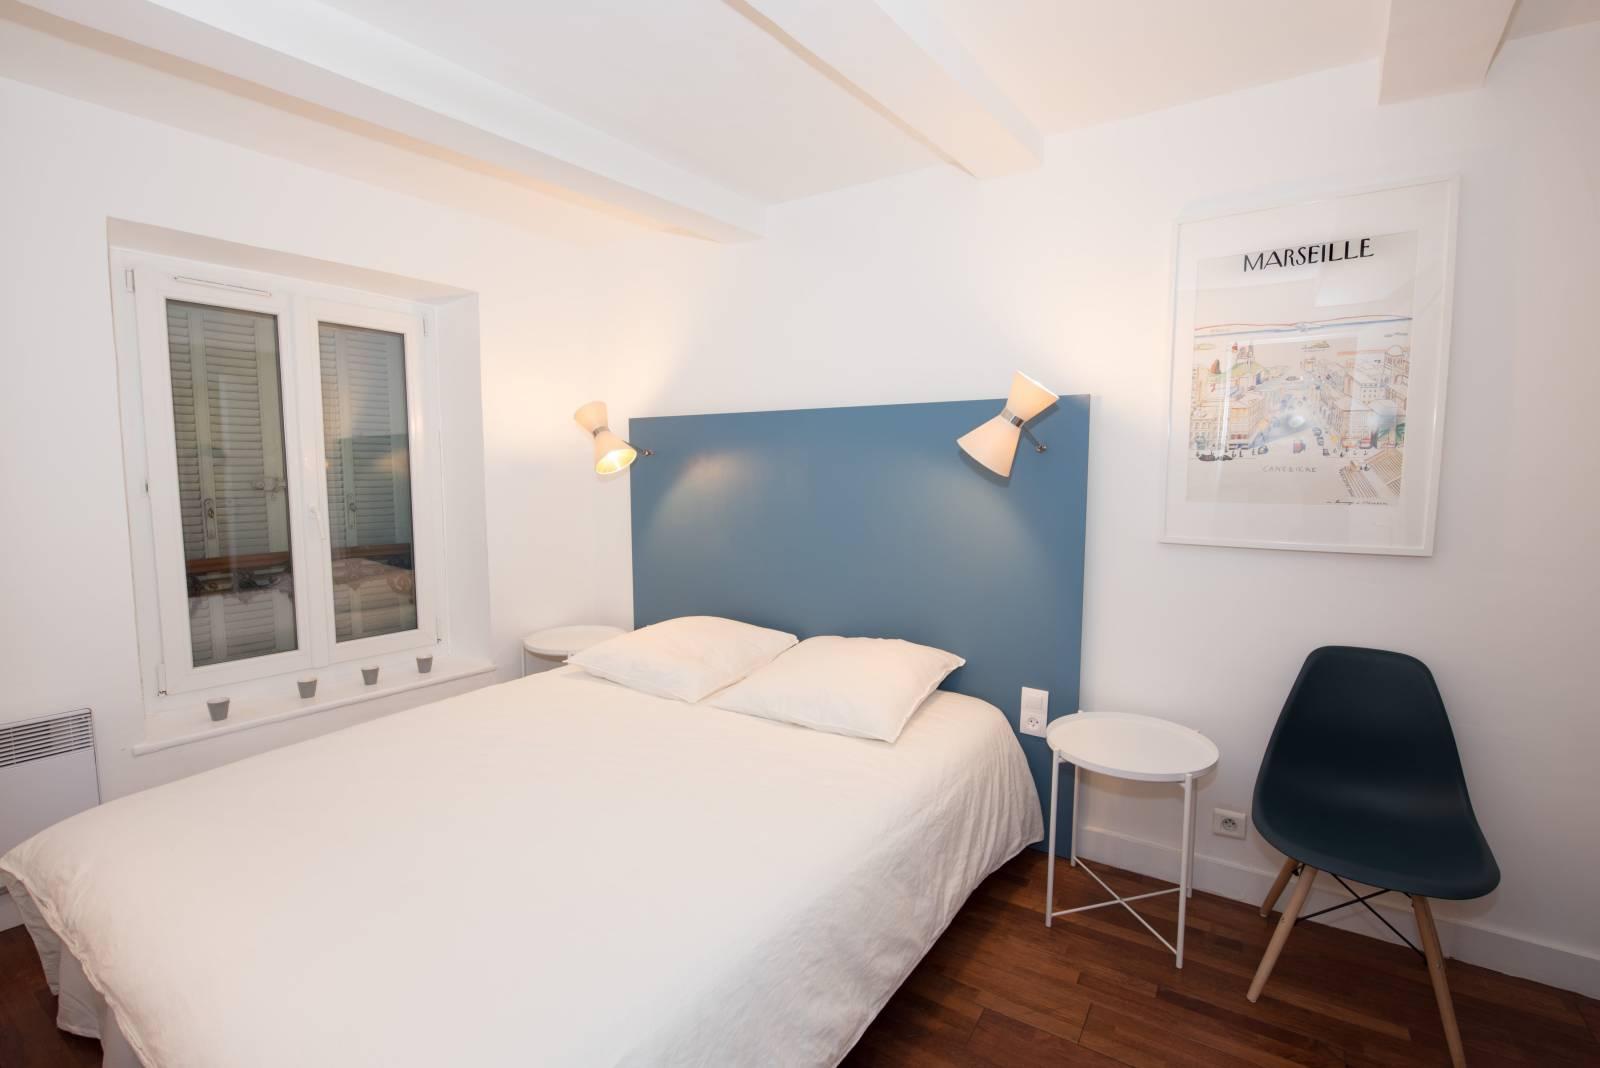 applique murale diabolo style ann e 50 sur mesure fabrication de luminaires contemporains. Black Bedroom Furniture Sets. Home Design Ideas